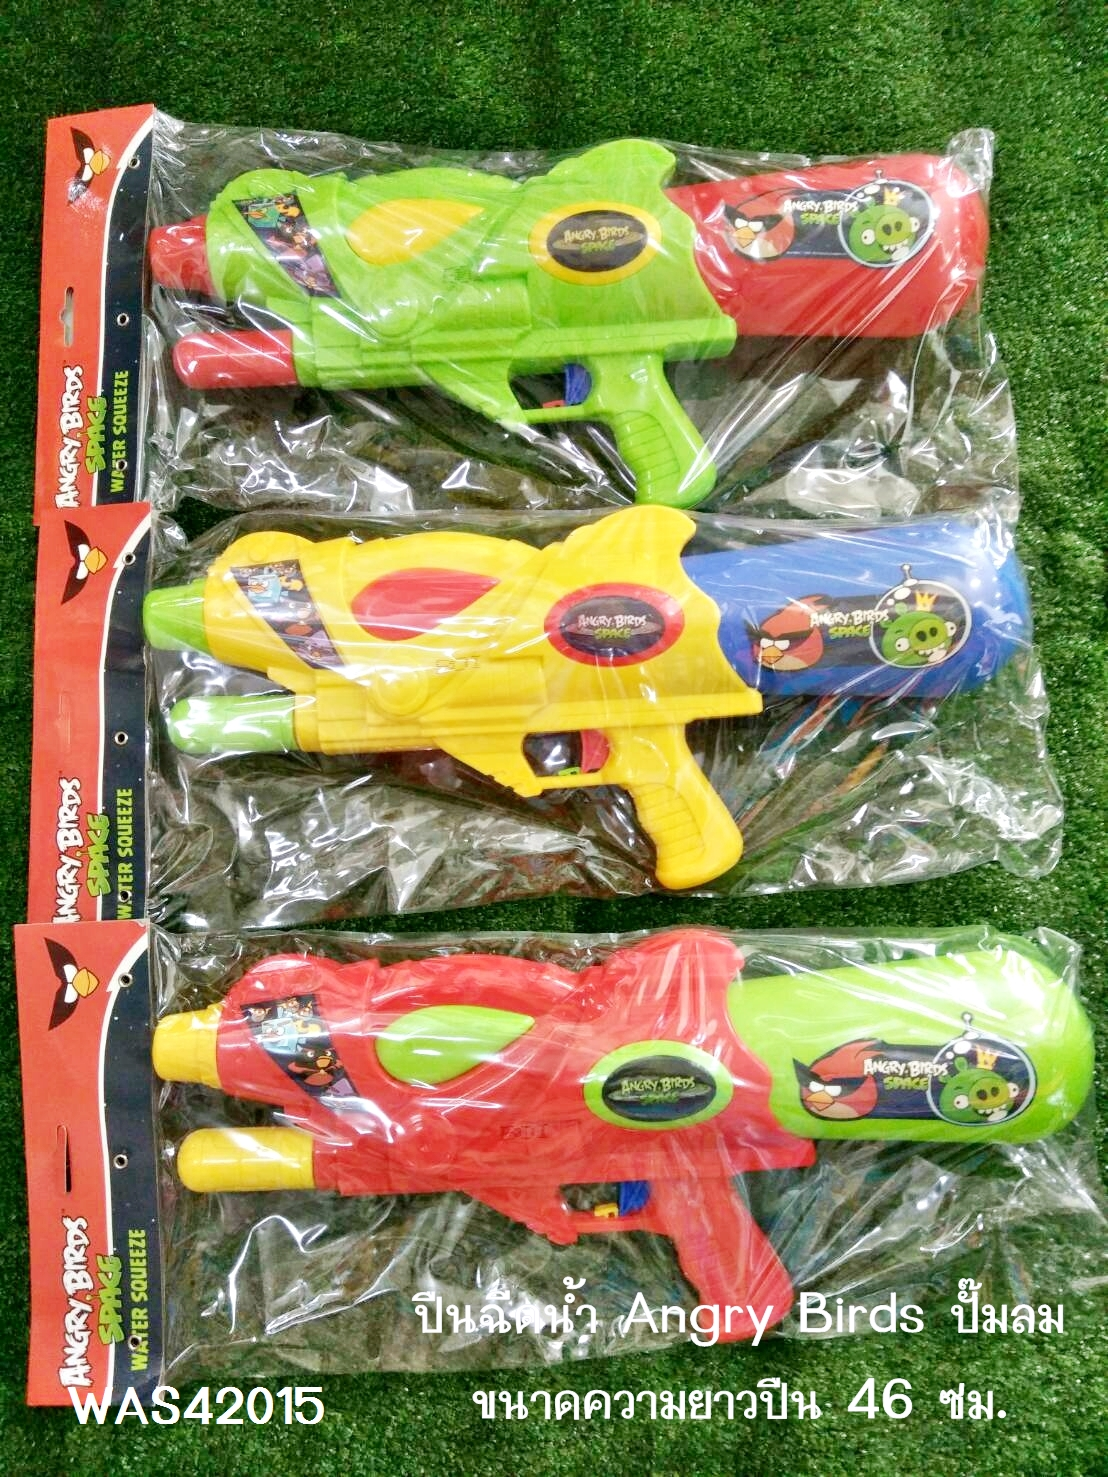 ปืนฉีดน้ำ Angry Bird ปั๊มลม 46 ซม.